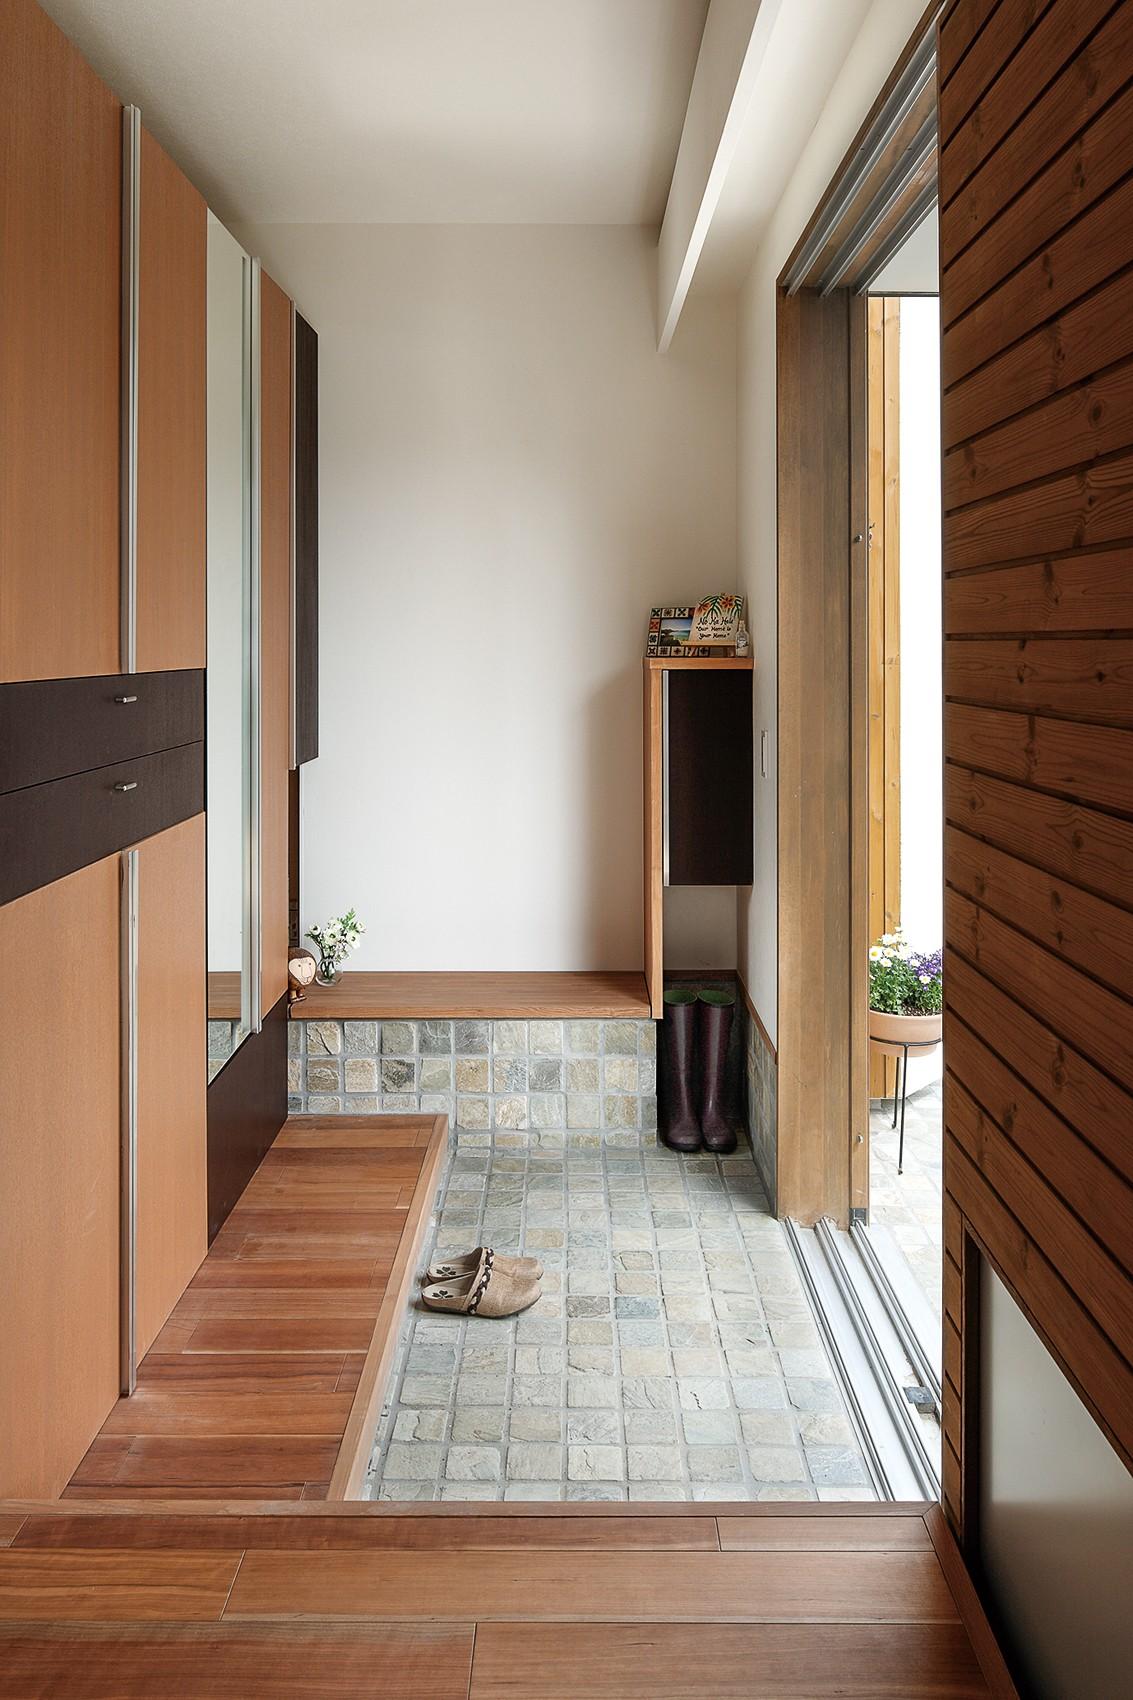 玄関事例:玄関(仕事場のある住まい|あなたの場所・自分の居場所を創る|みずみずしいブルーが印象的なWorking Space)